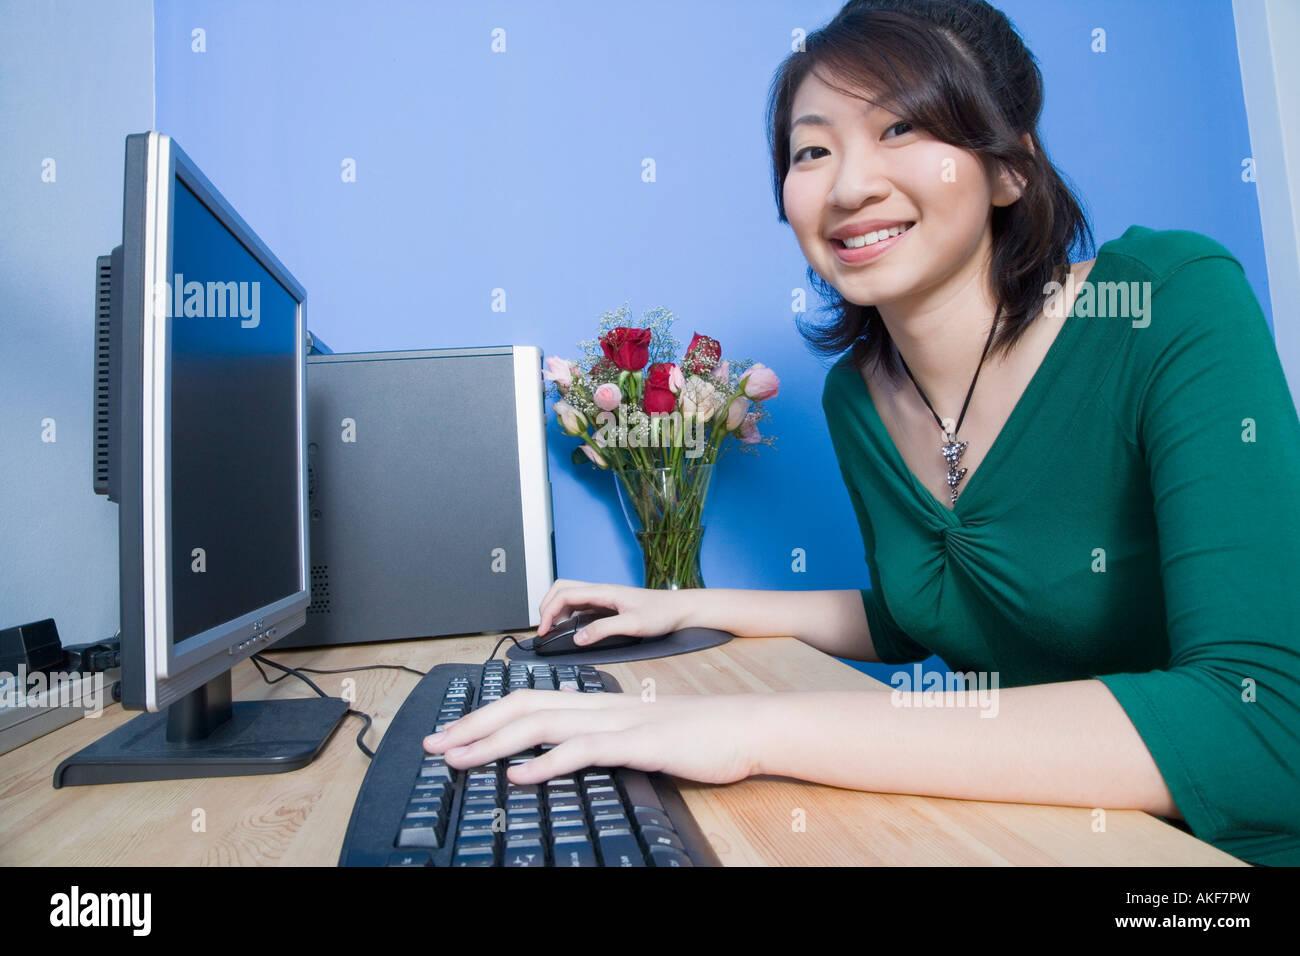 El perfil lateral de una joven mujer utilizando un ordenador y sonriente Foto de stock